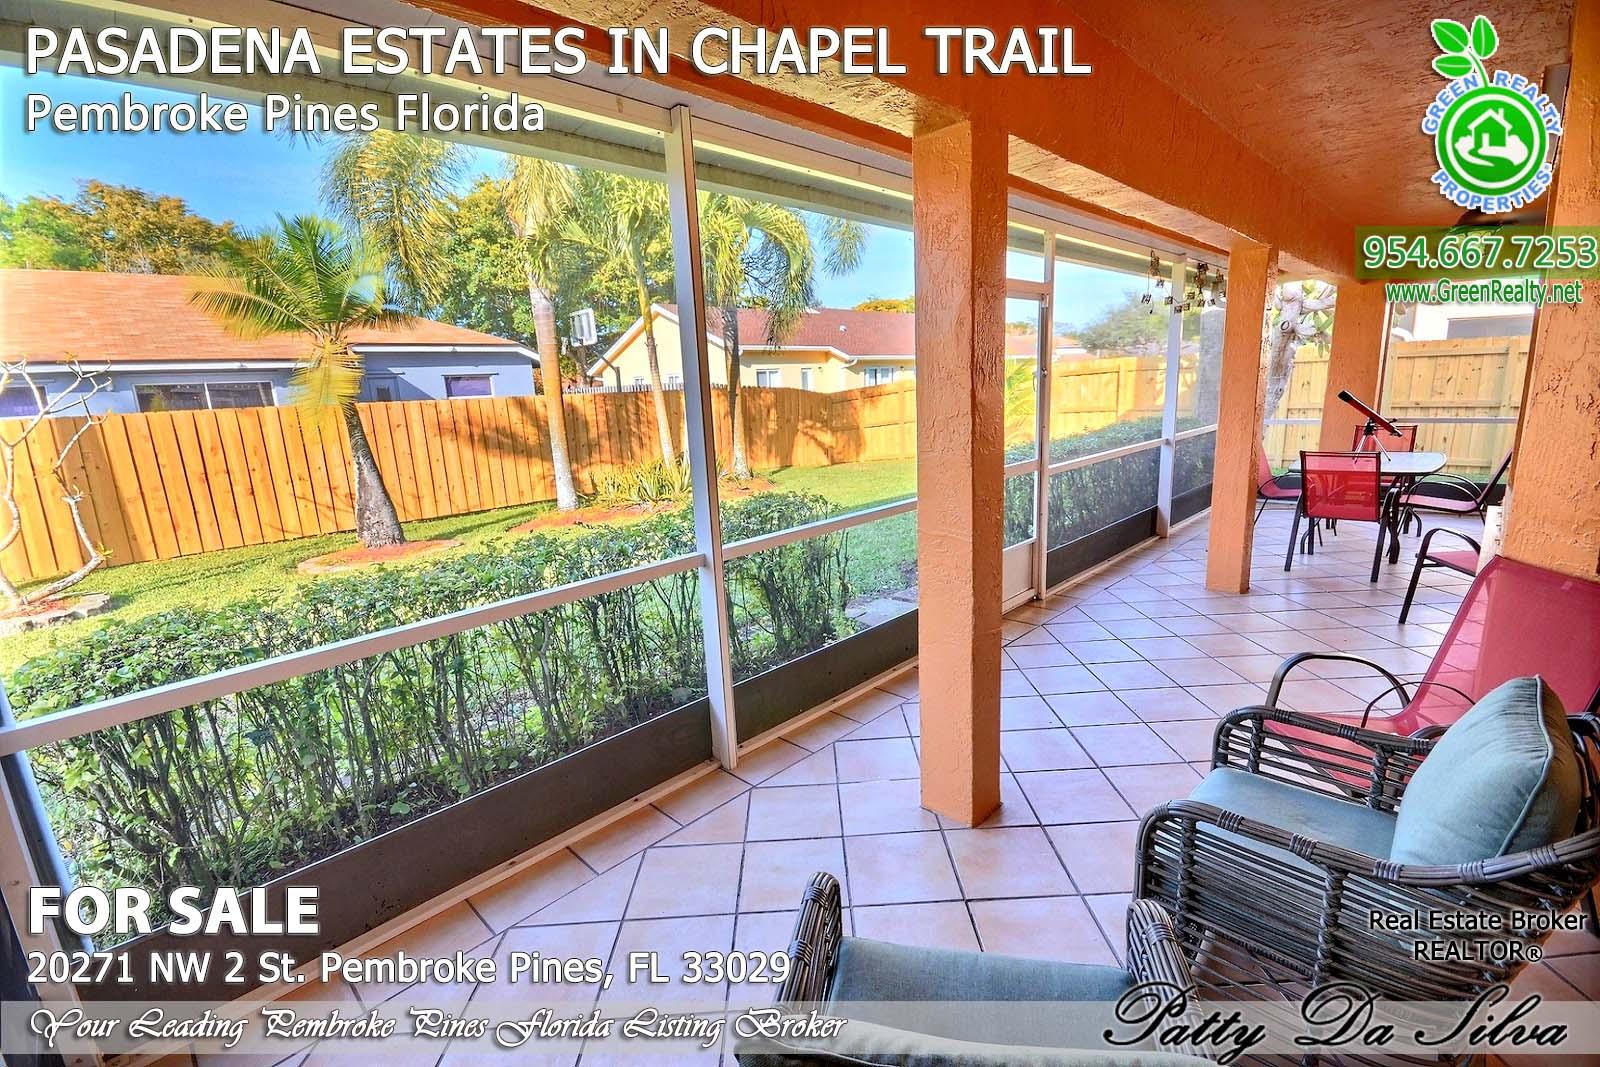 Pasadena Estates of Chapel Trail - Pembroke Pines FL (9)